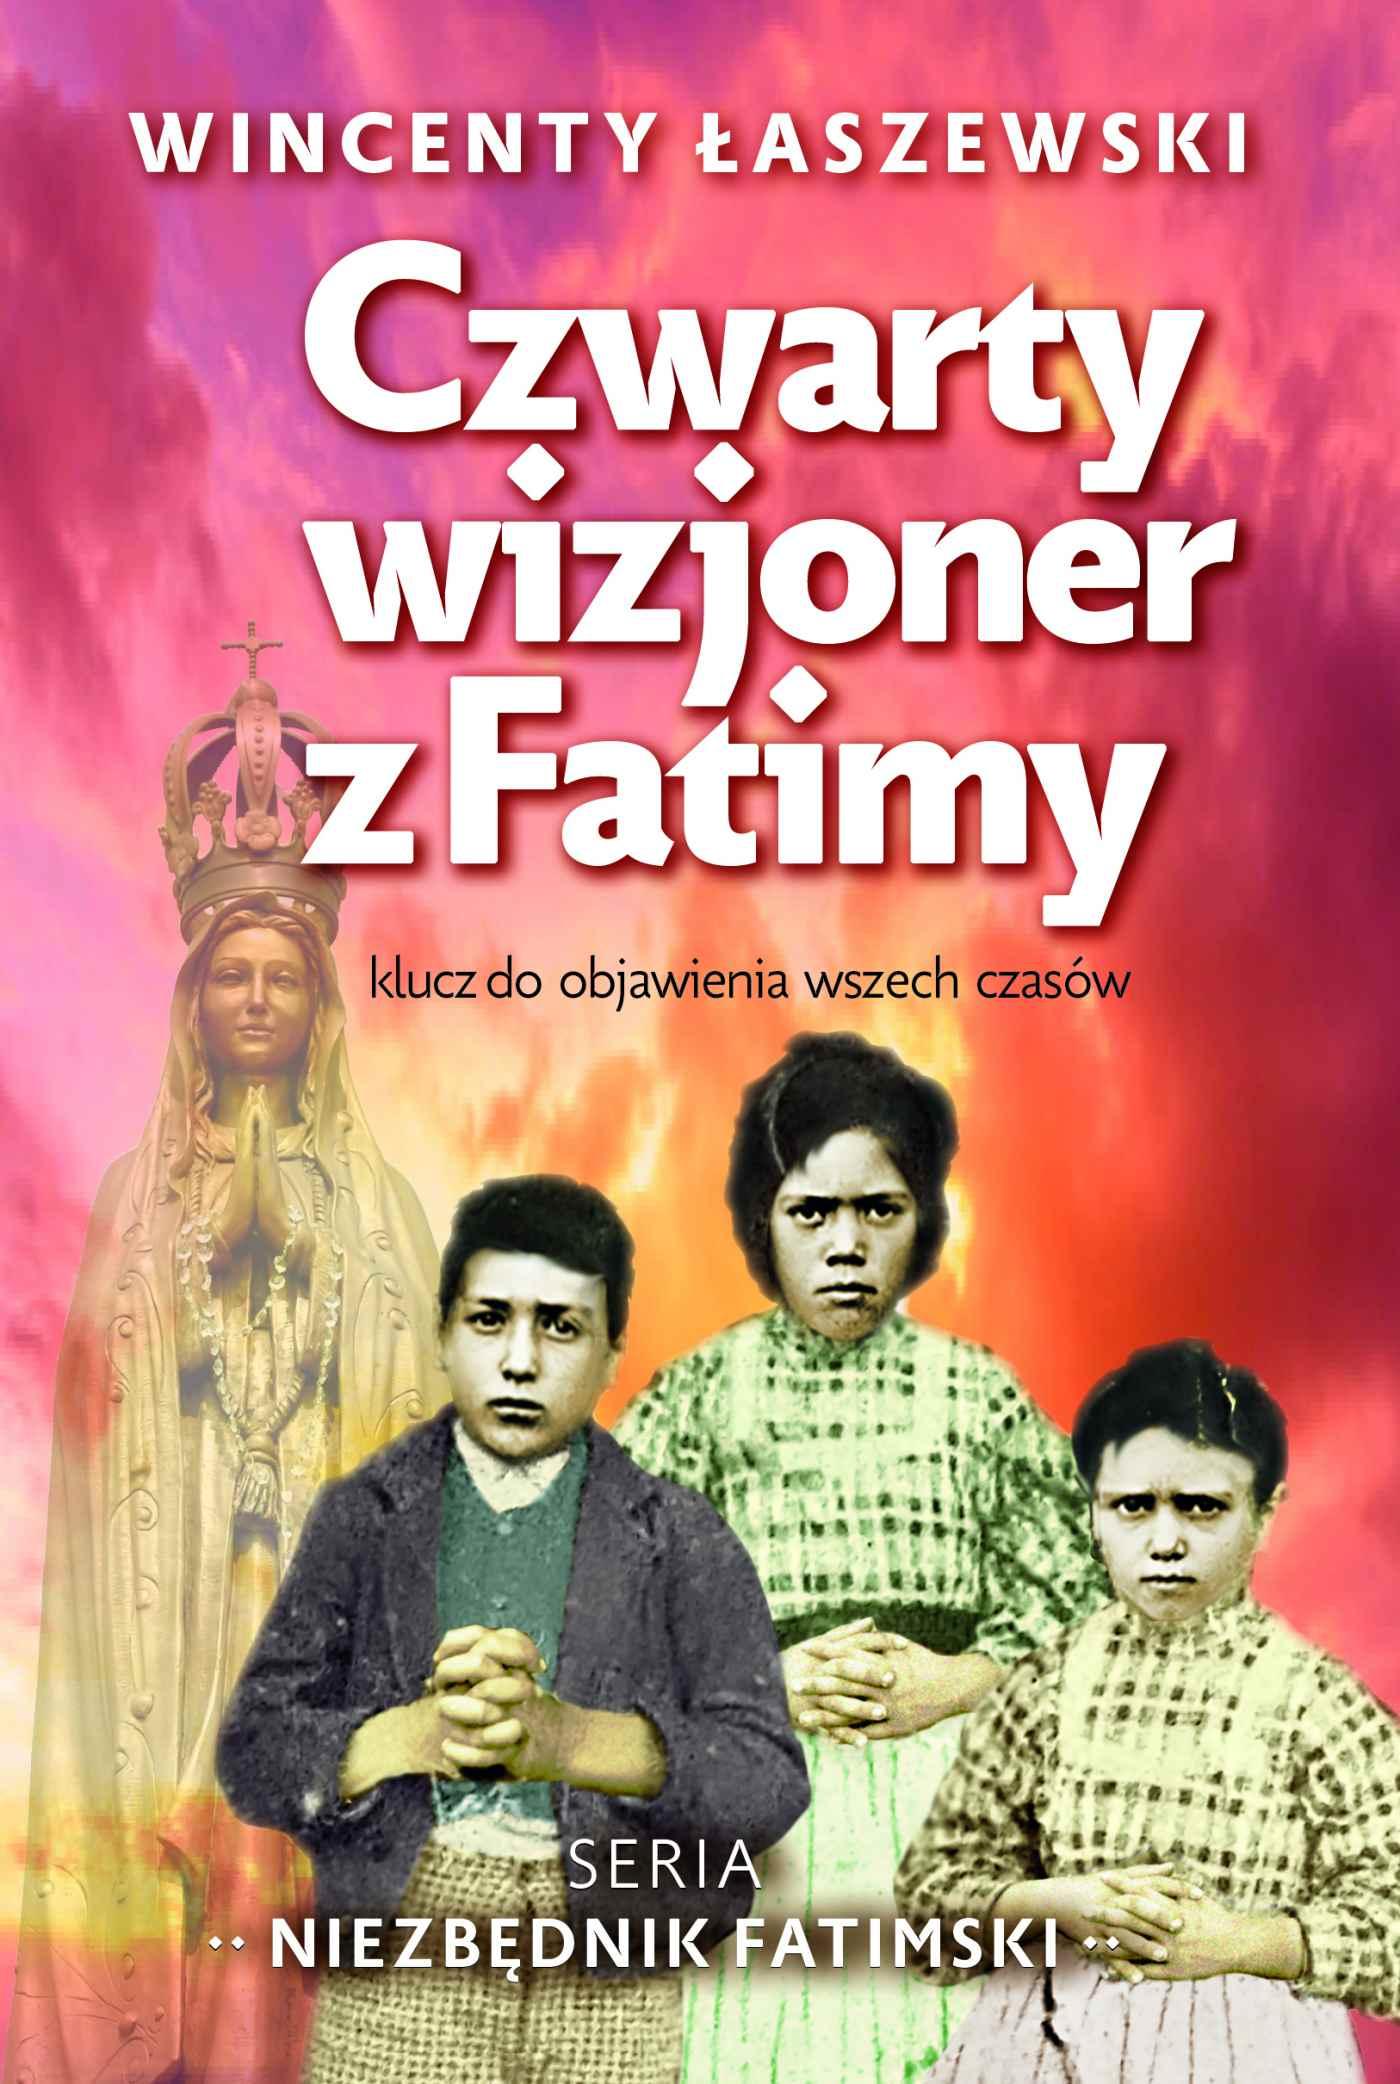 Czwarty wizjoner z Fatimy - Ebook (Książka EPUB) do pobrania w formacie EPUB